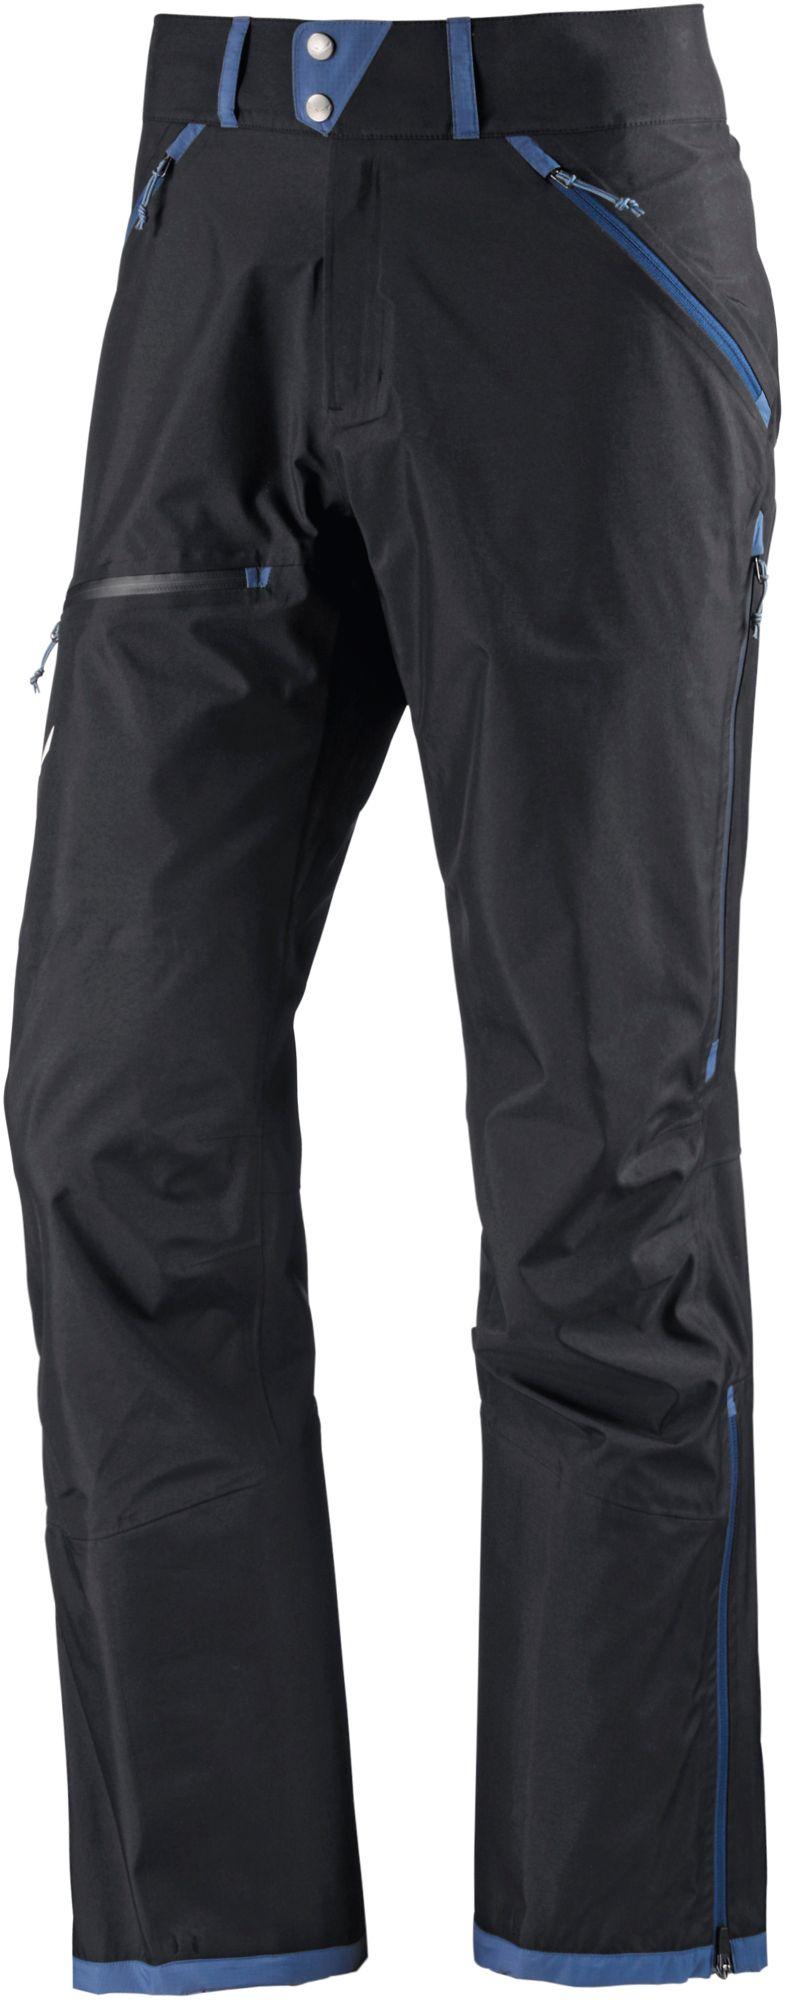 Sesvenna Skitourenhose Herren in schwarz, Größe XXL